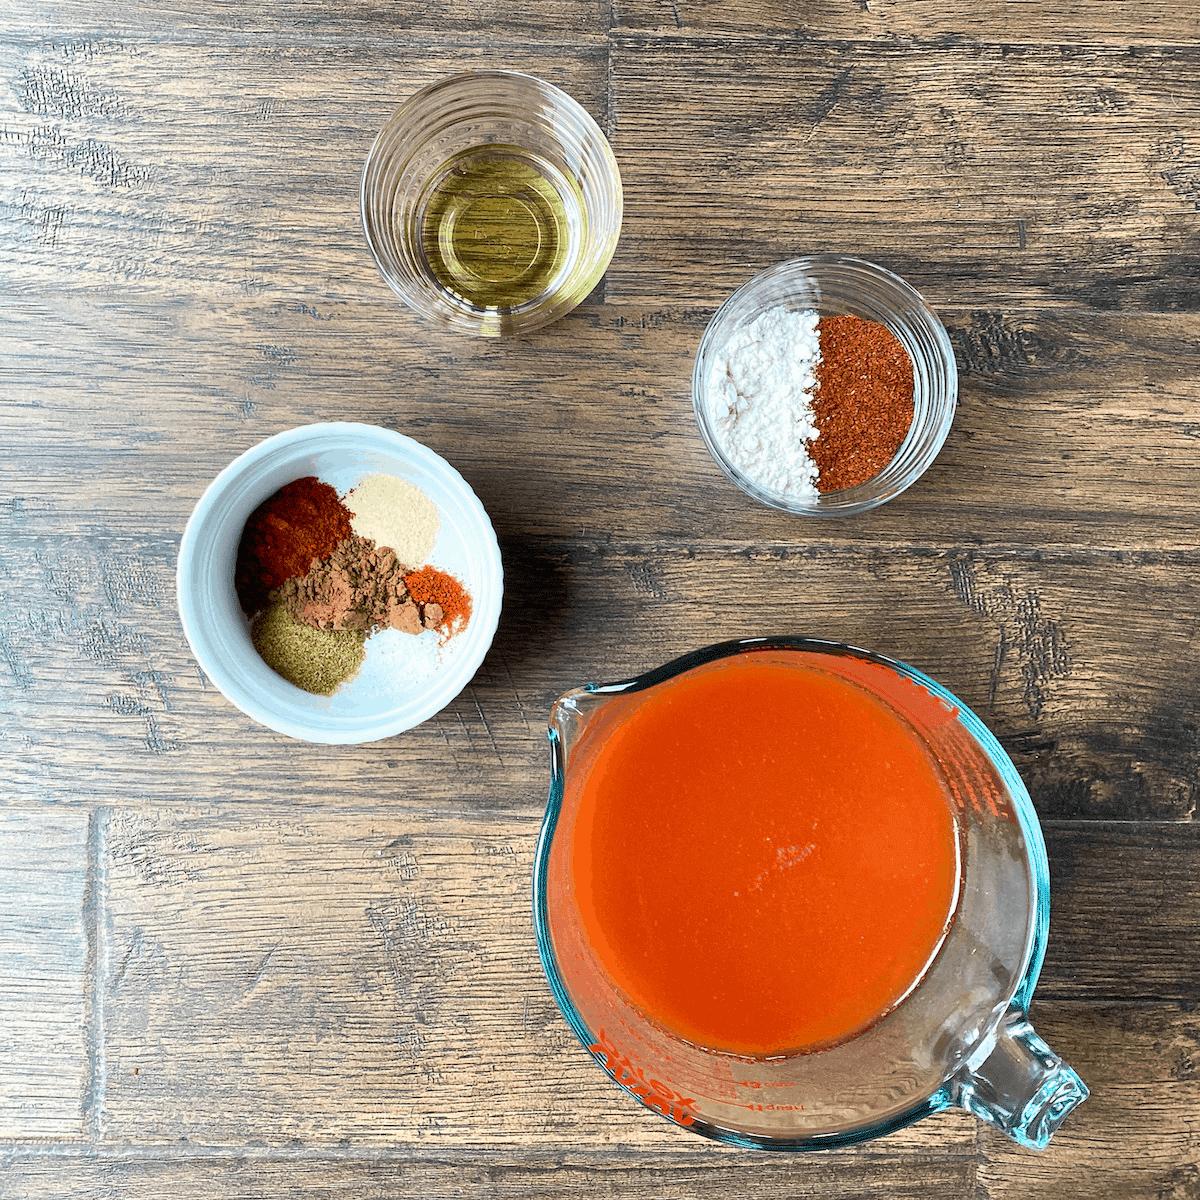 ingredients for enchilada sauce: oil, flour, chili powder, spice mix, cocoa powder, tomato paste, water, vinegar